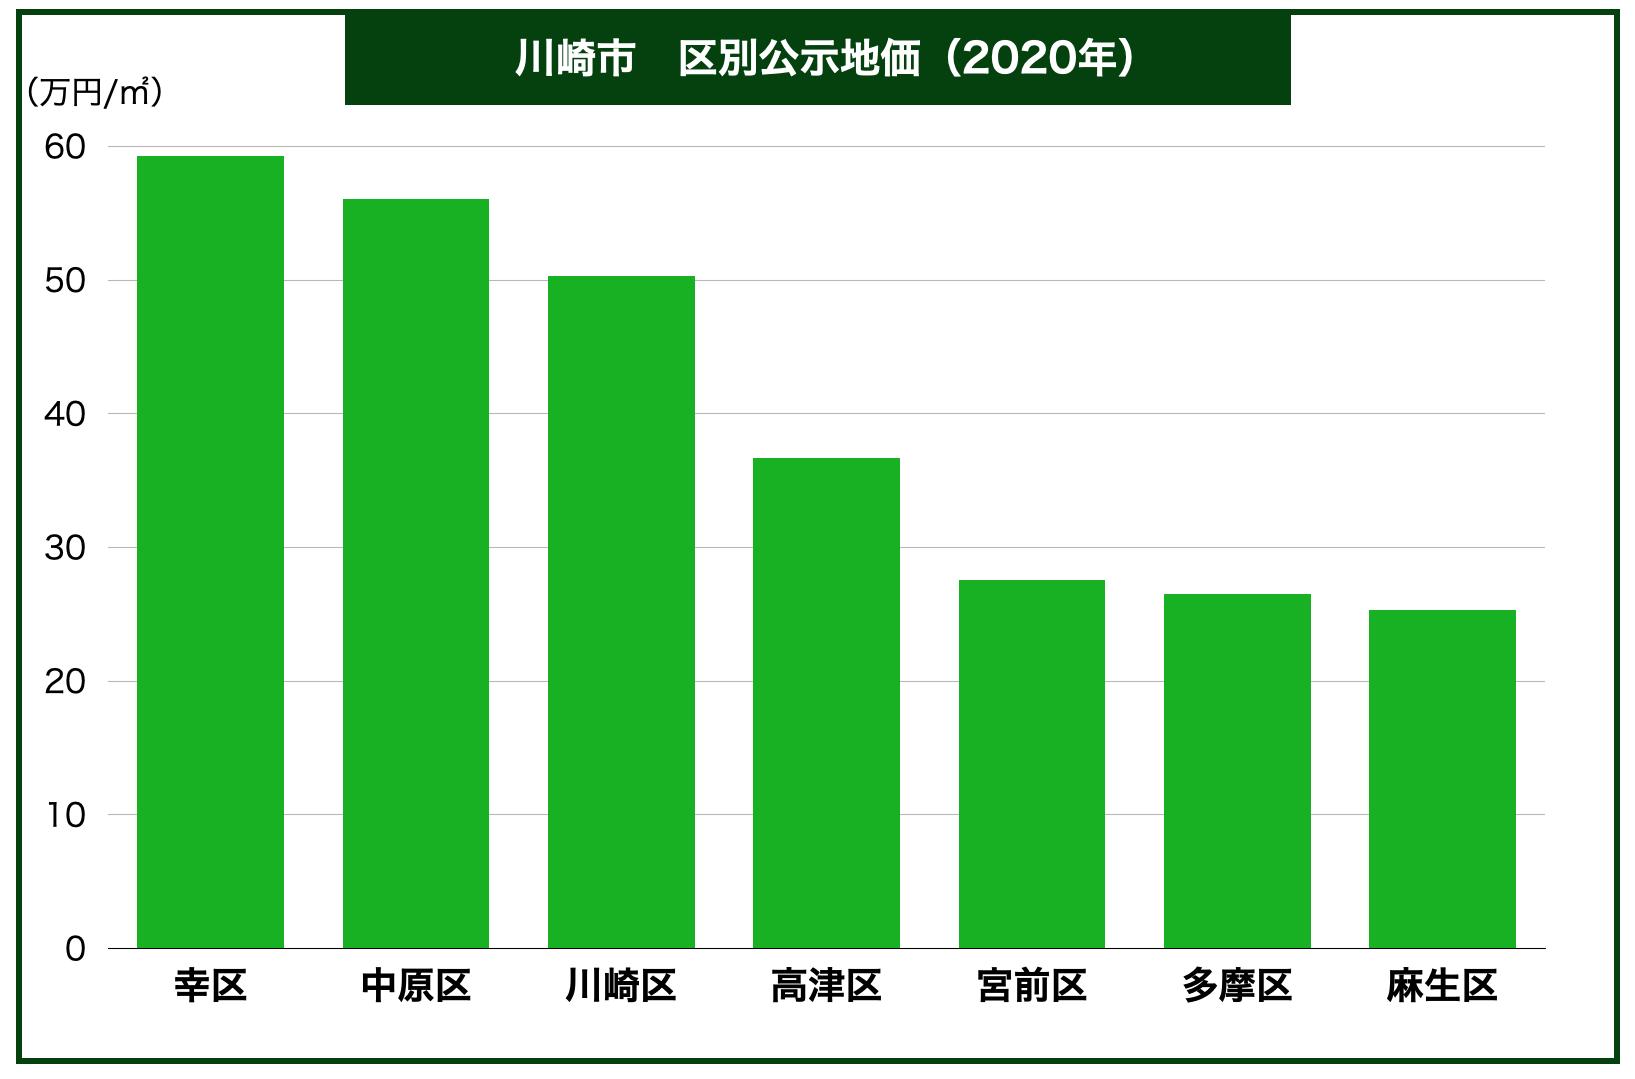 川崎市区別公示地価